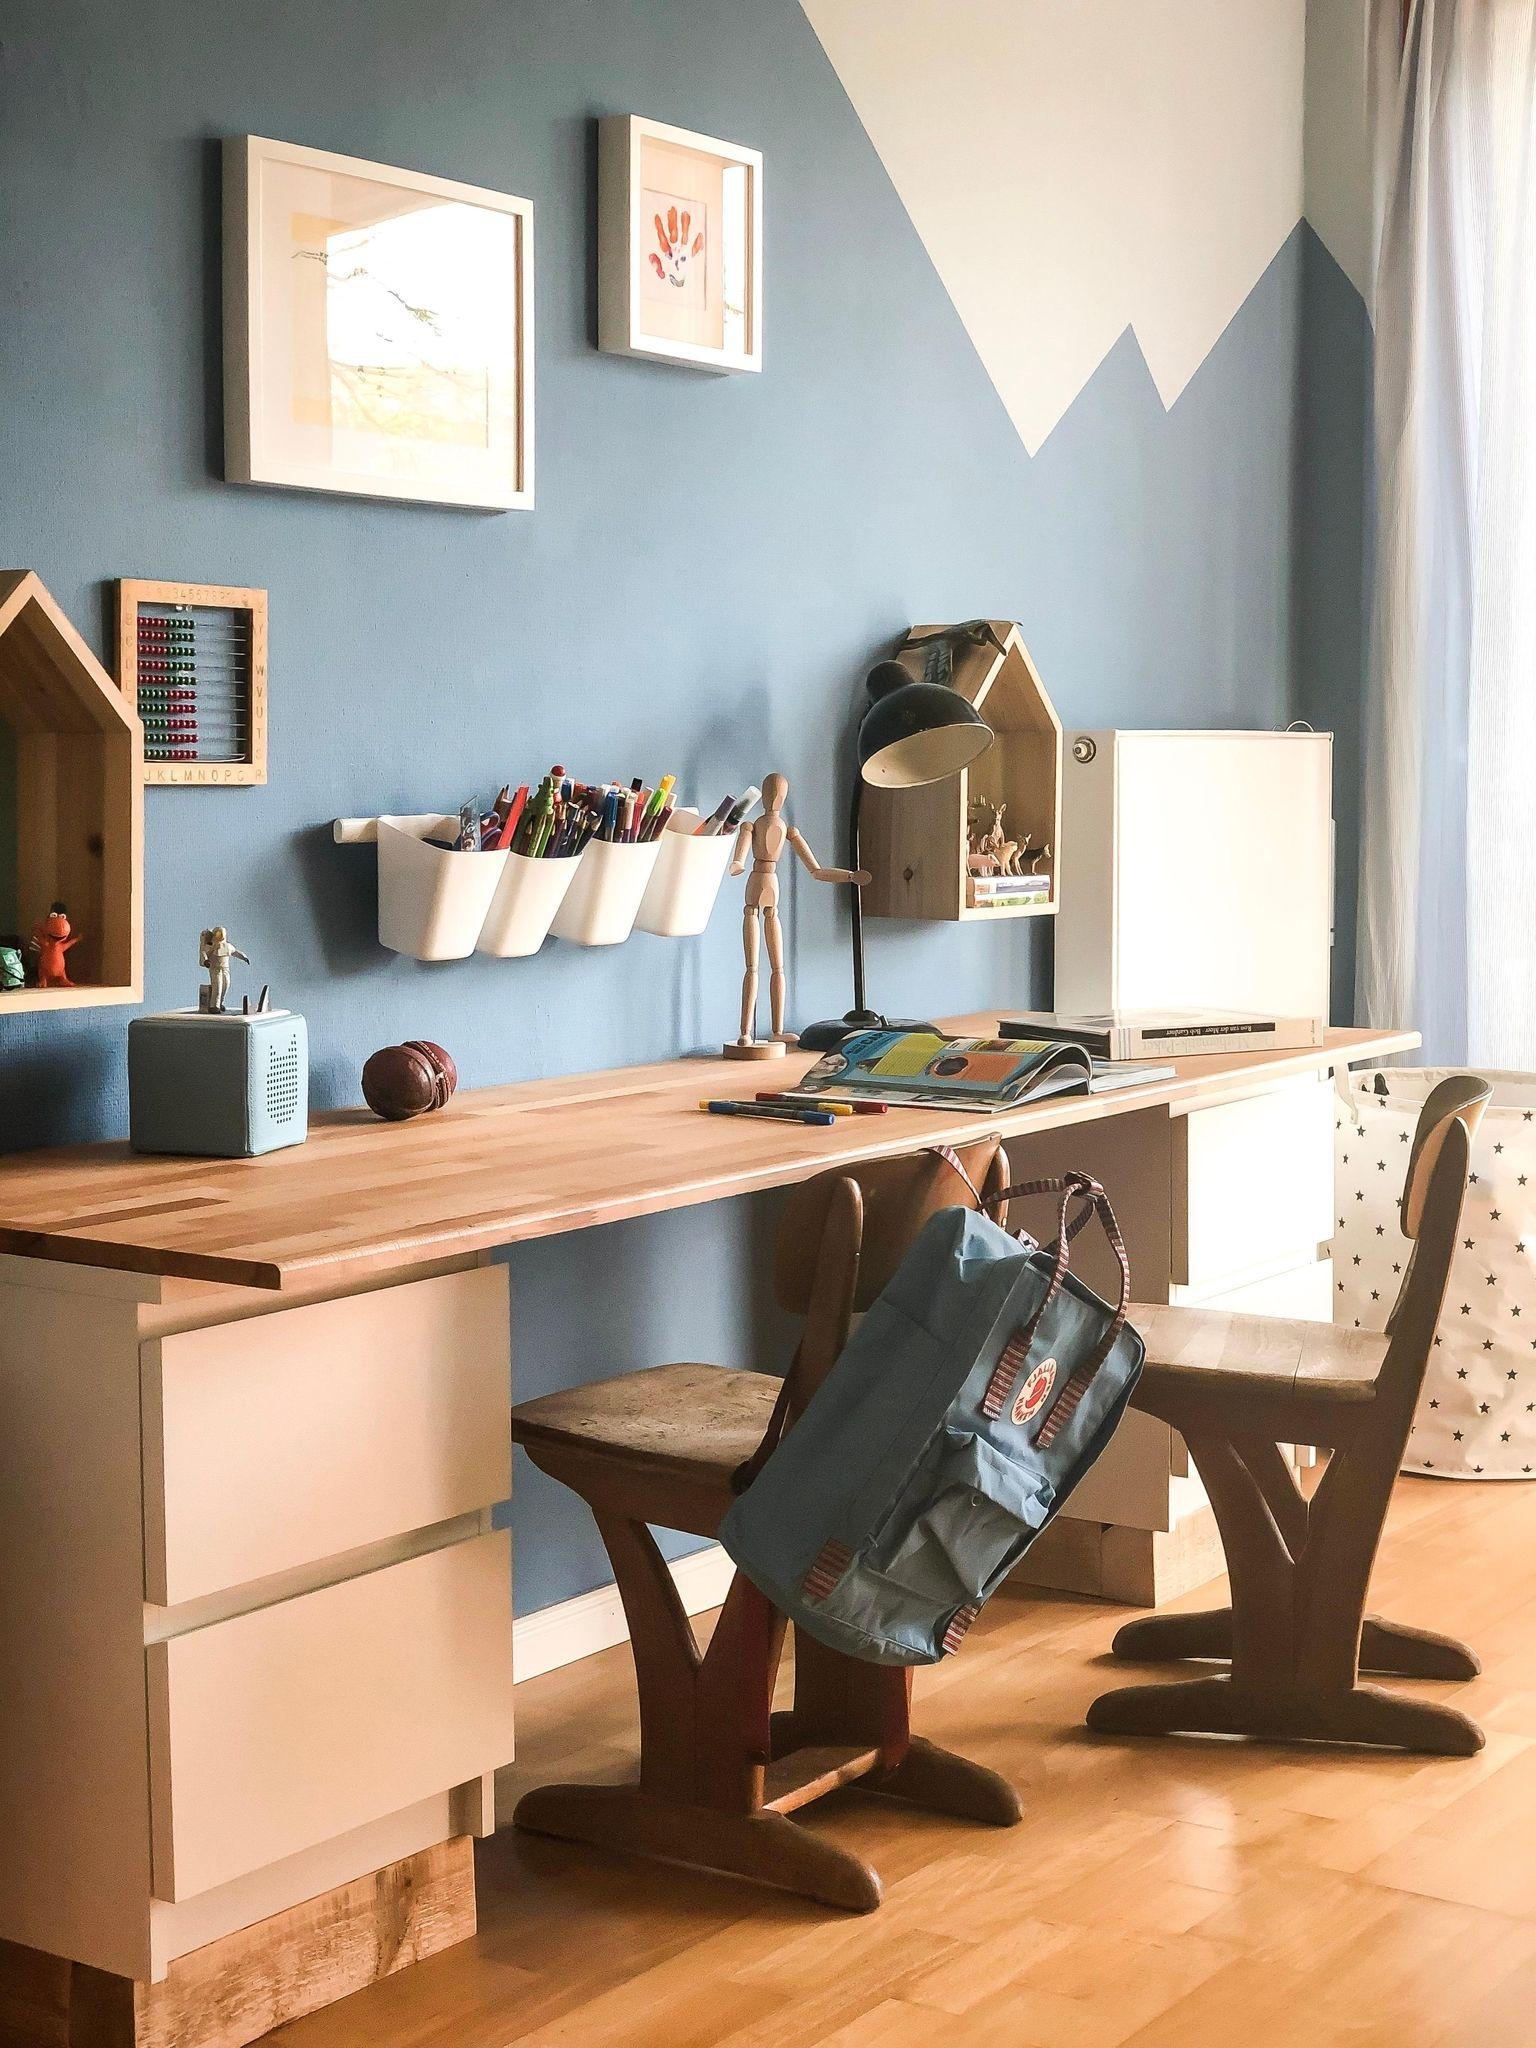 Kinderzimmer Ideen Fur Wohlfuhl Buden So Geht S My Blog Kinderschreibtisch Schreibtische Kinderzimmer Kinder Zimmer